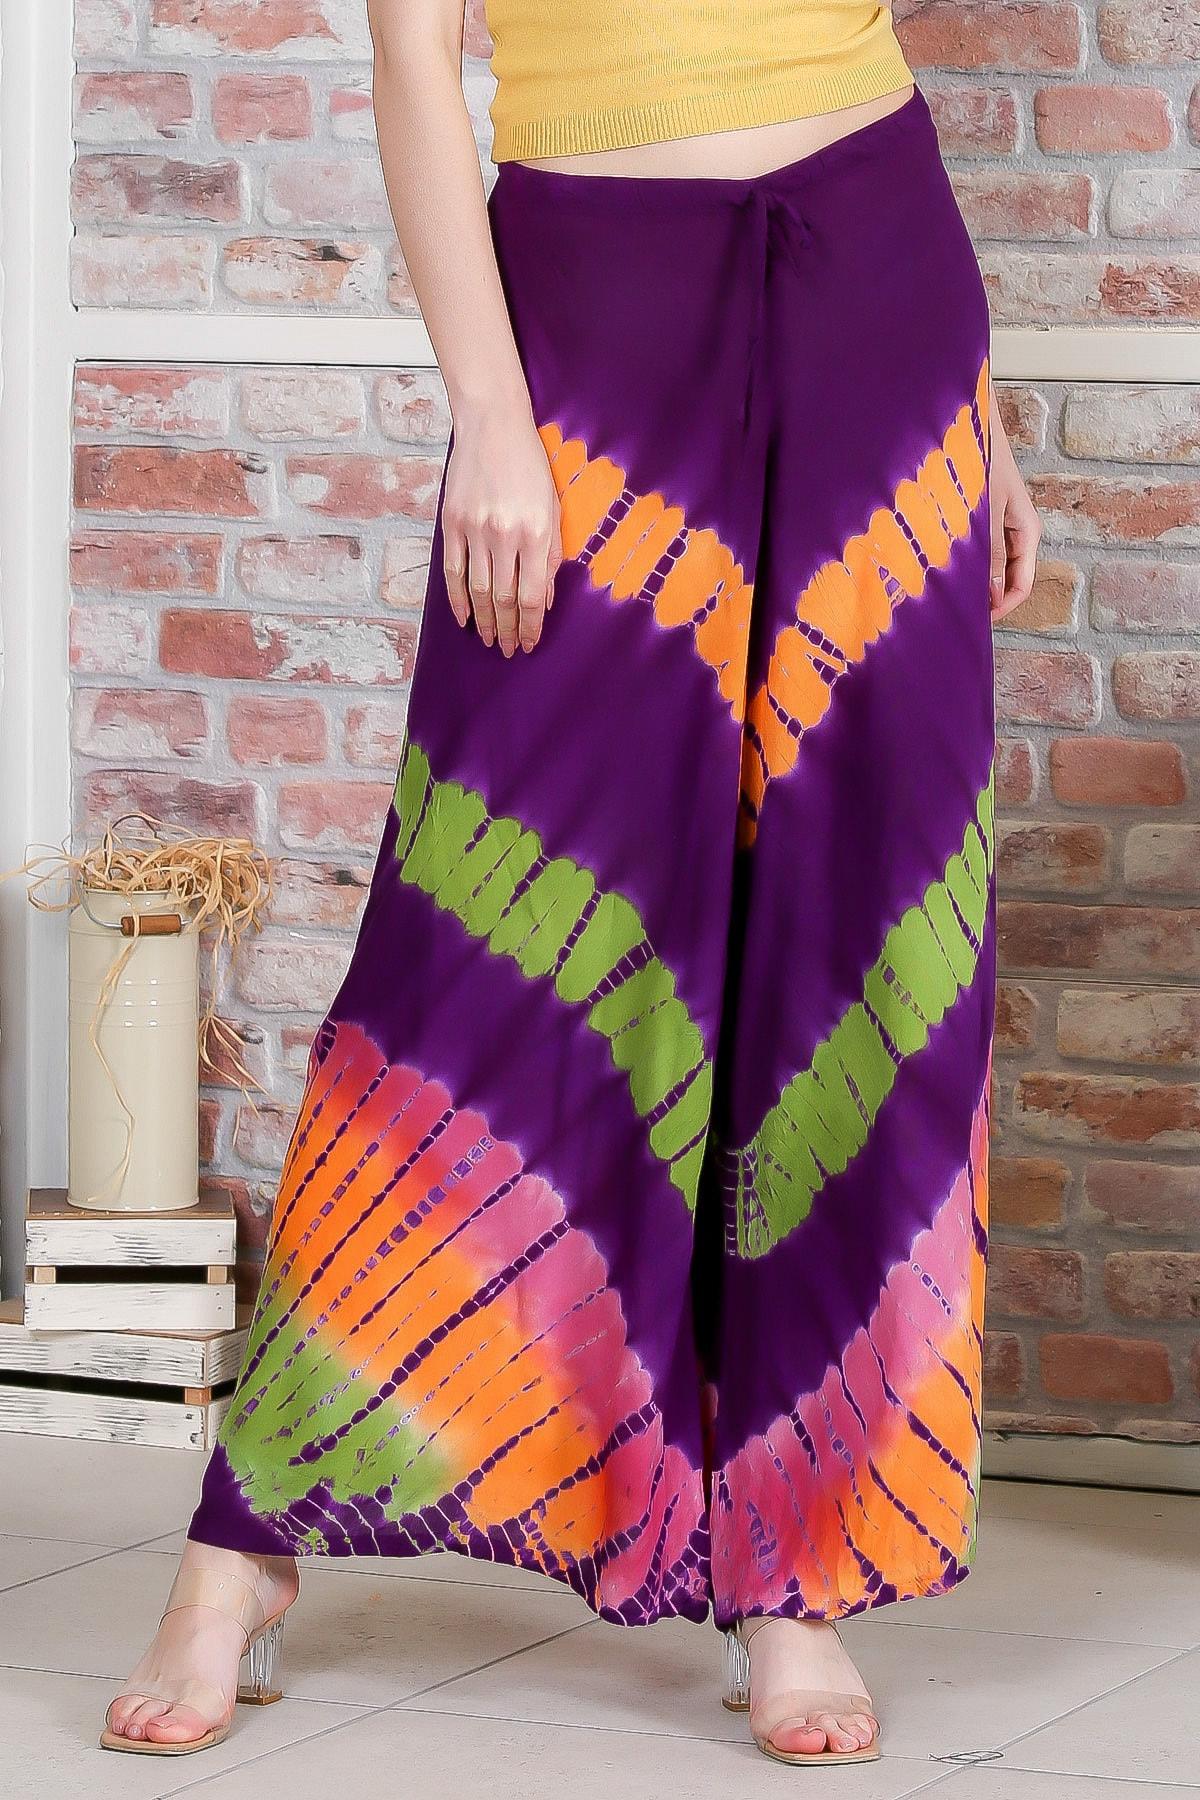 Chiccy Kadın Mor Batik Desenli Bol Paçalı Dokuma Pantolon M10060000PN98897 0